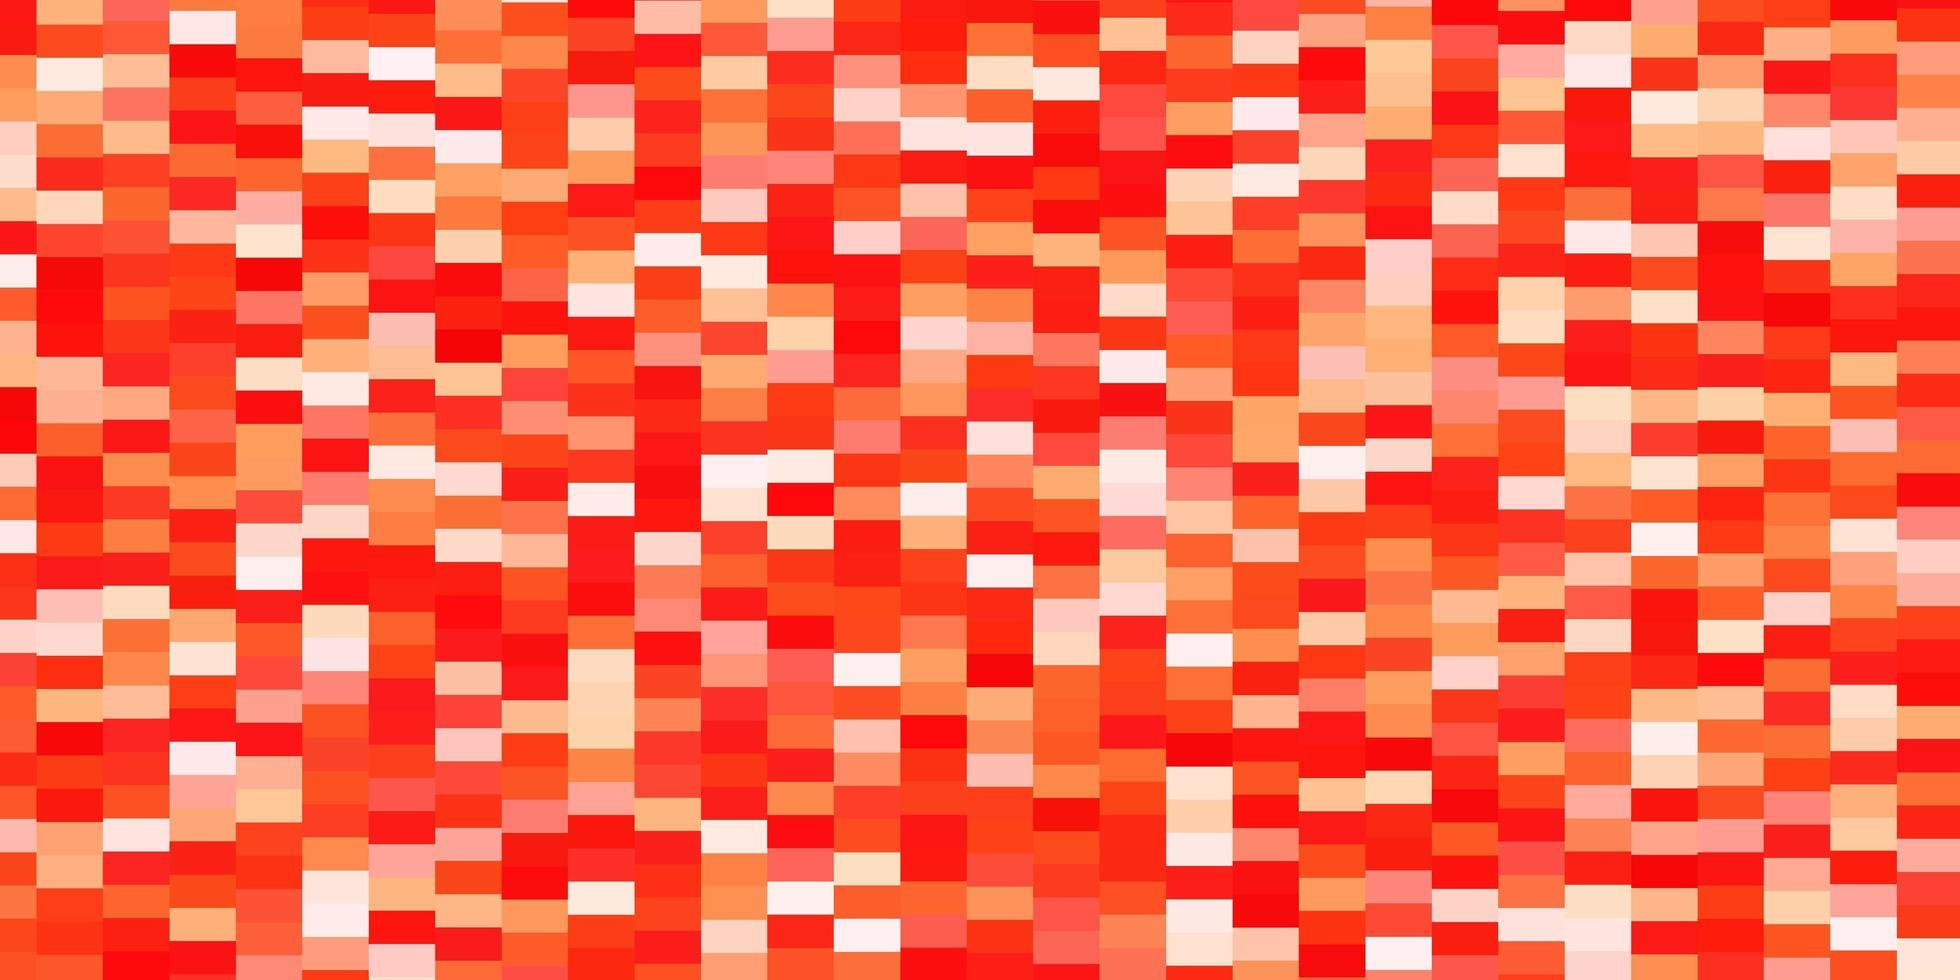 sfondo vettoriale rosso chiaro, giallo in stile poligonale.